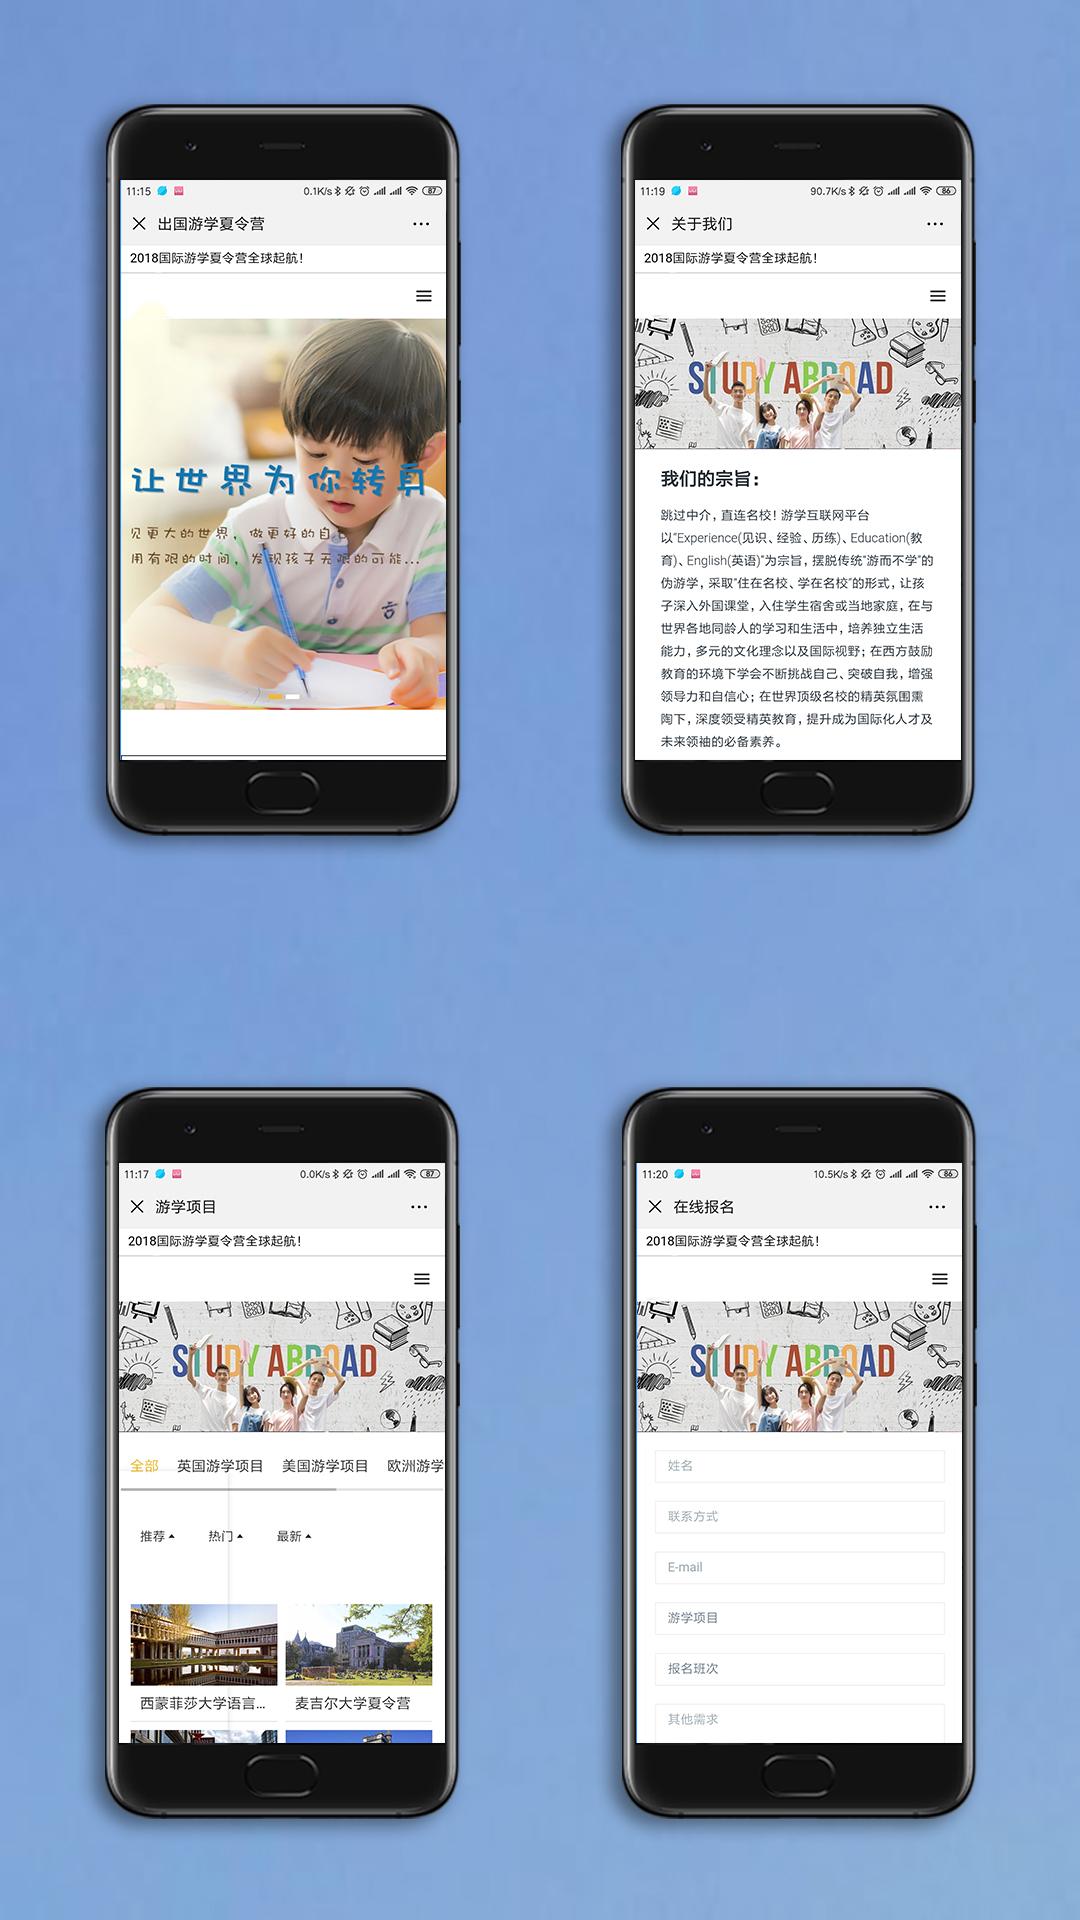 出国游学手机网站开发案例